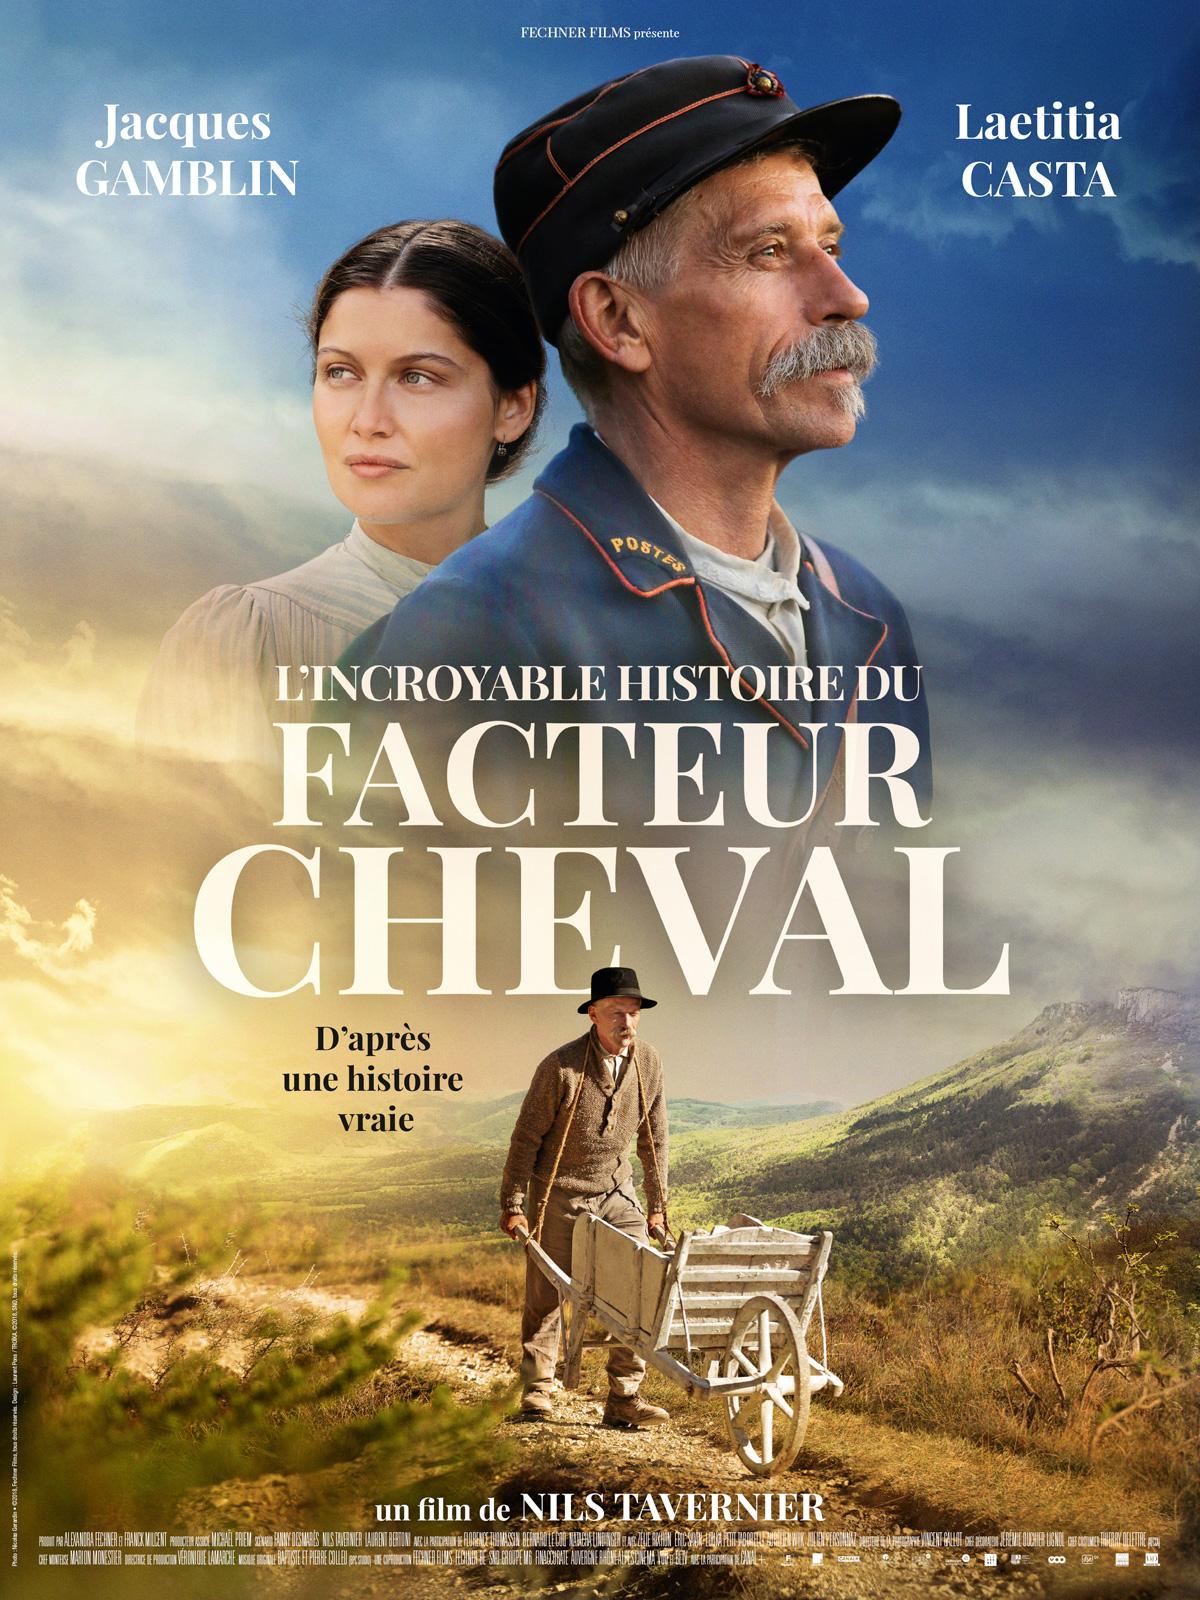 Cinéma plein air à La Balme : c'est confirmé pour le 26 juin !